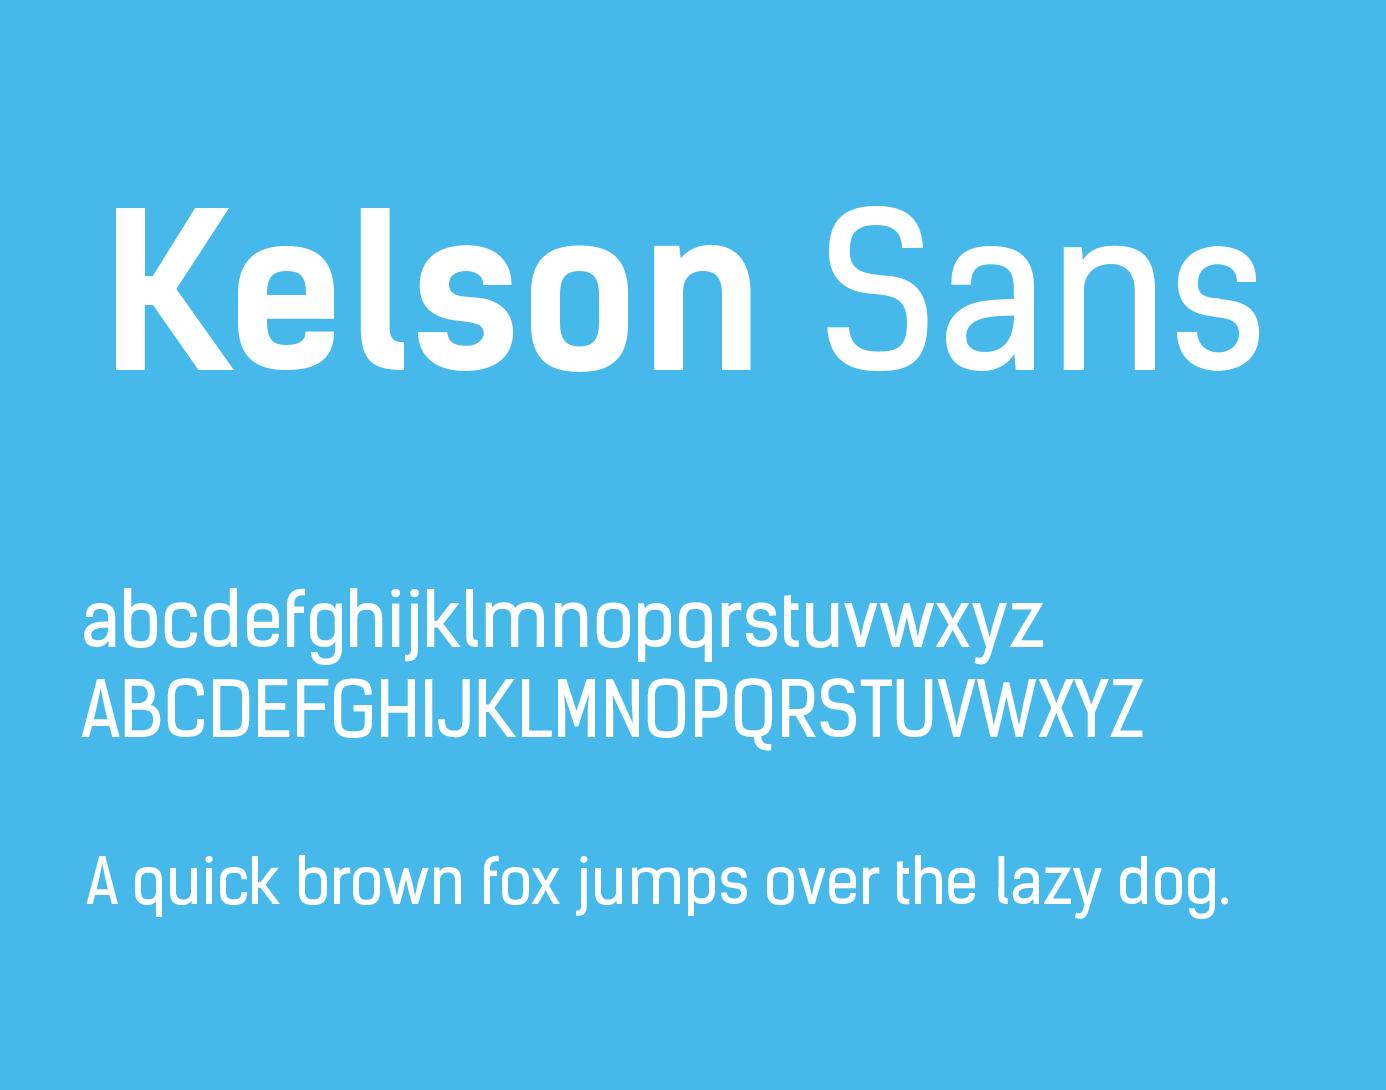 kelson-sans-font